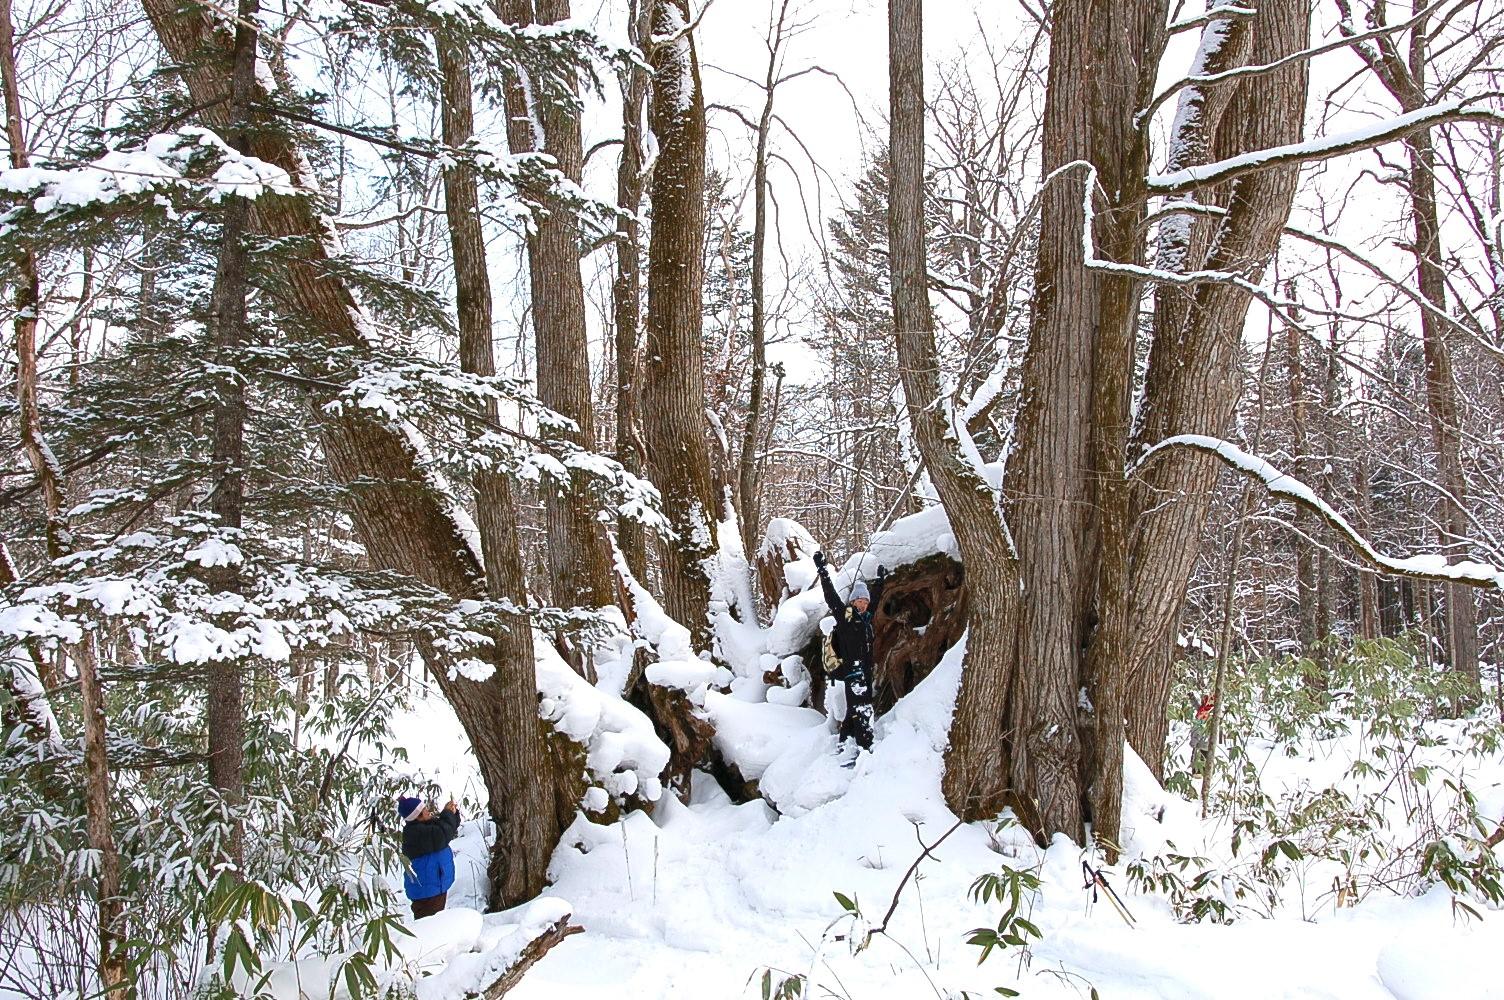 支笏湖の美笛地区にある「巨木の森」